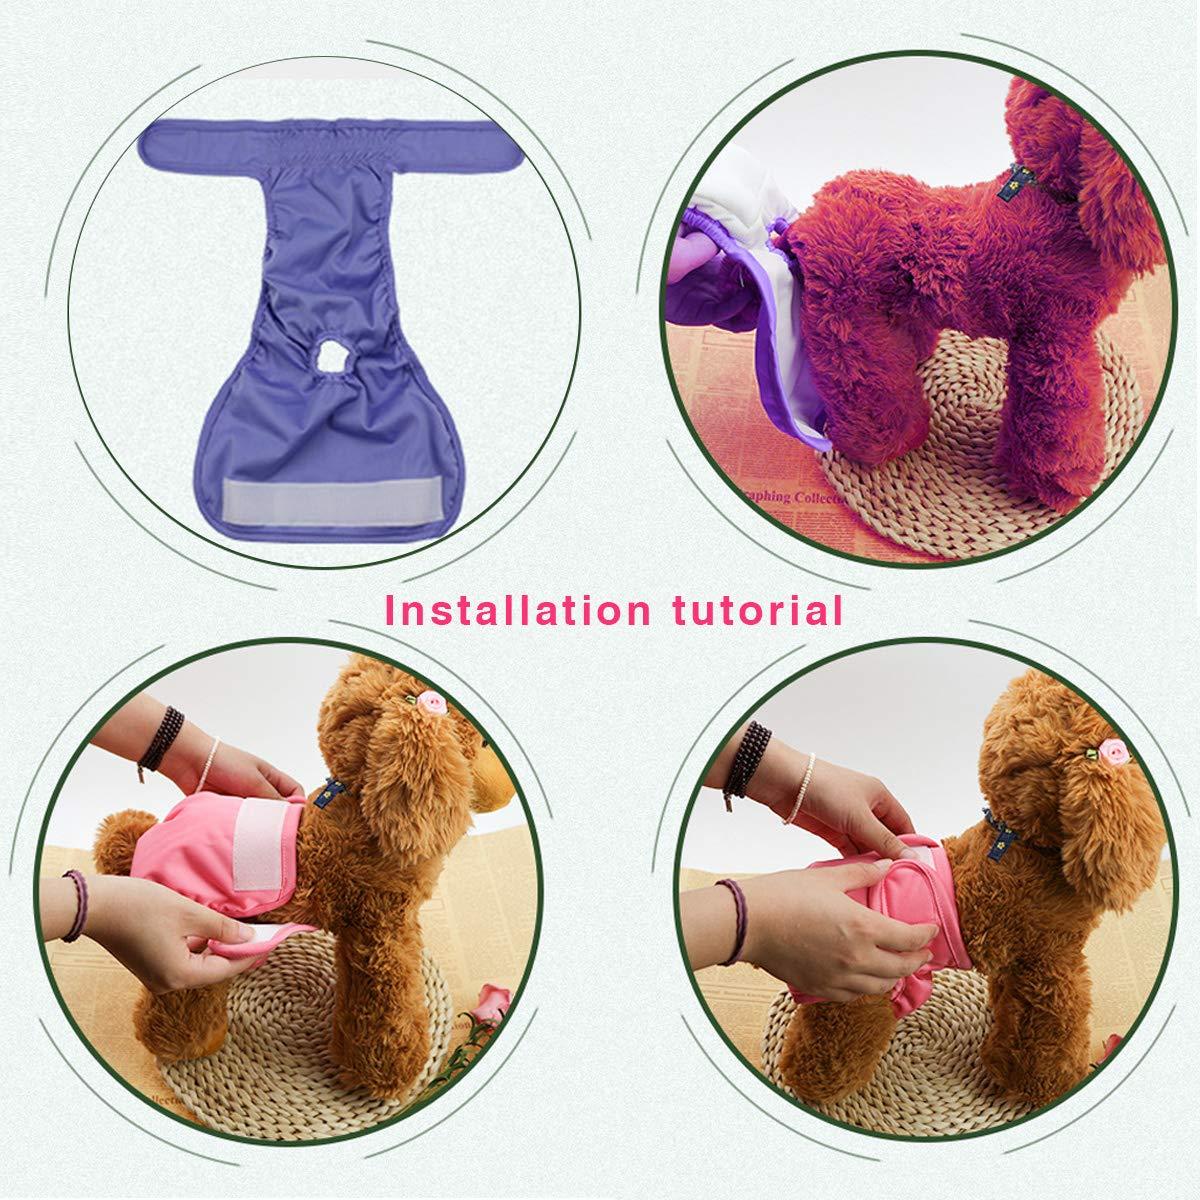 Lavables Elegantes y duraderos para incontinencia de Mascotas y Viajes Largos Cachorros XS-L Pa/ñales Reutilizables para Perro para Perros